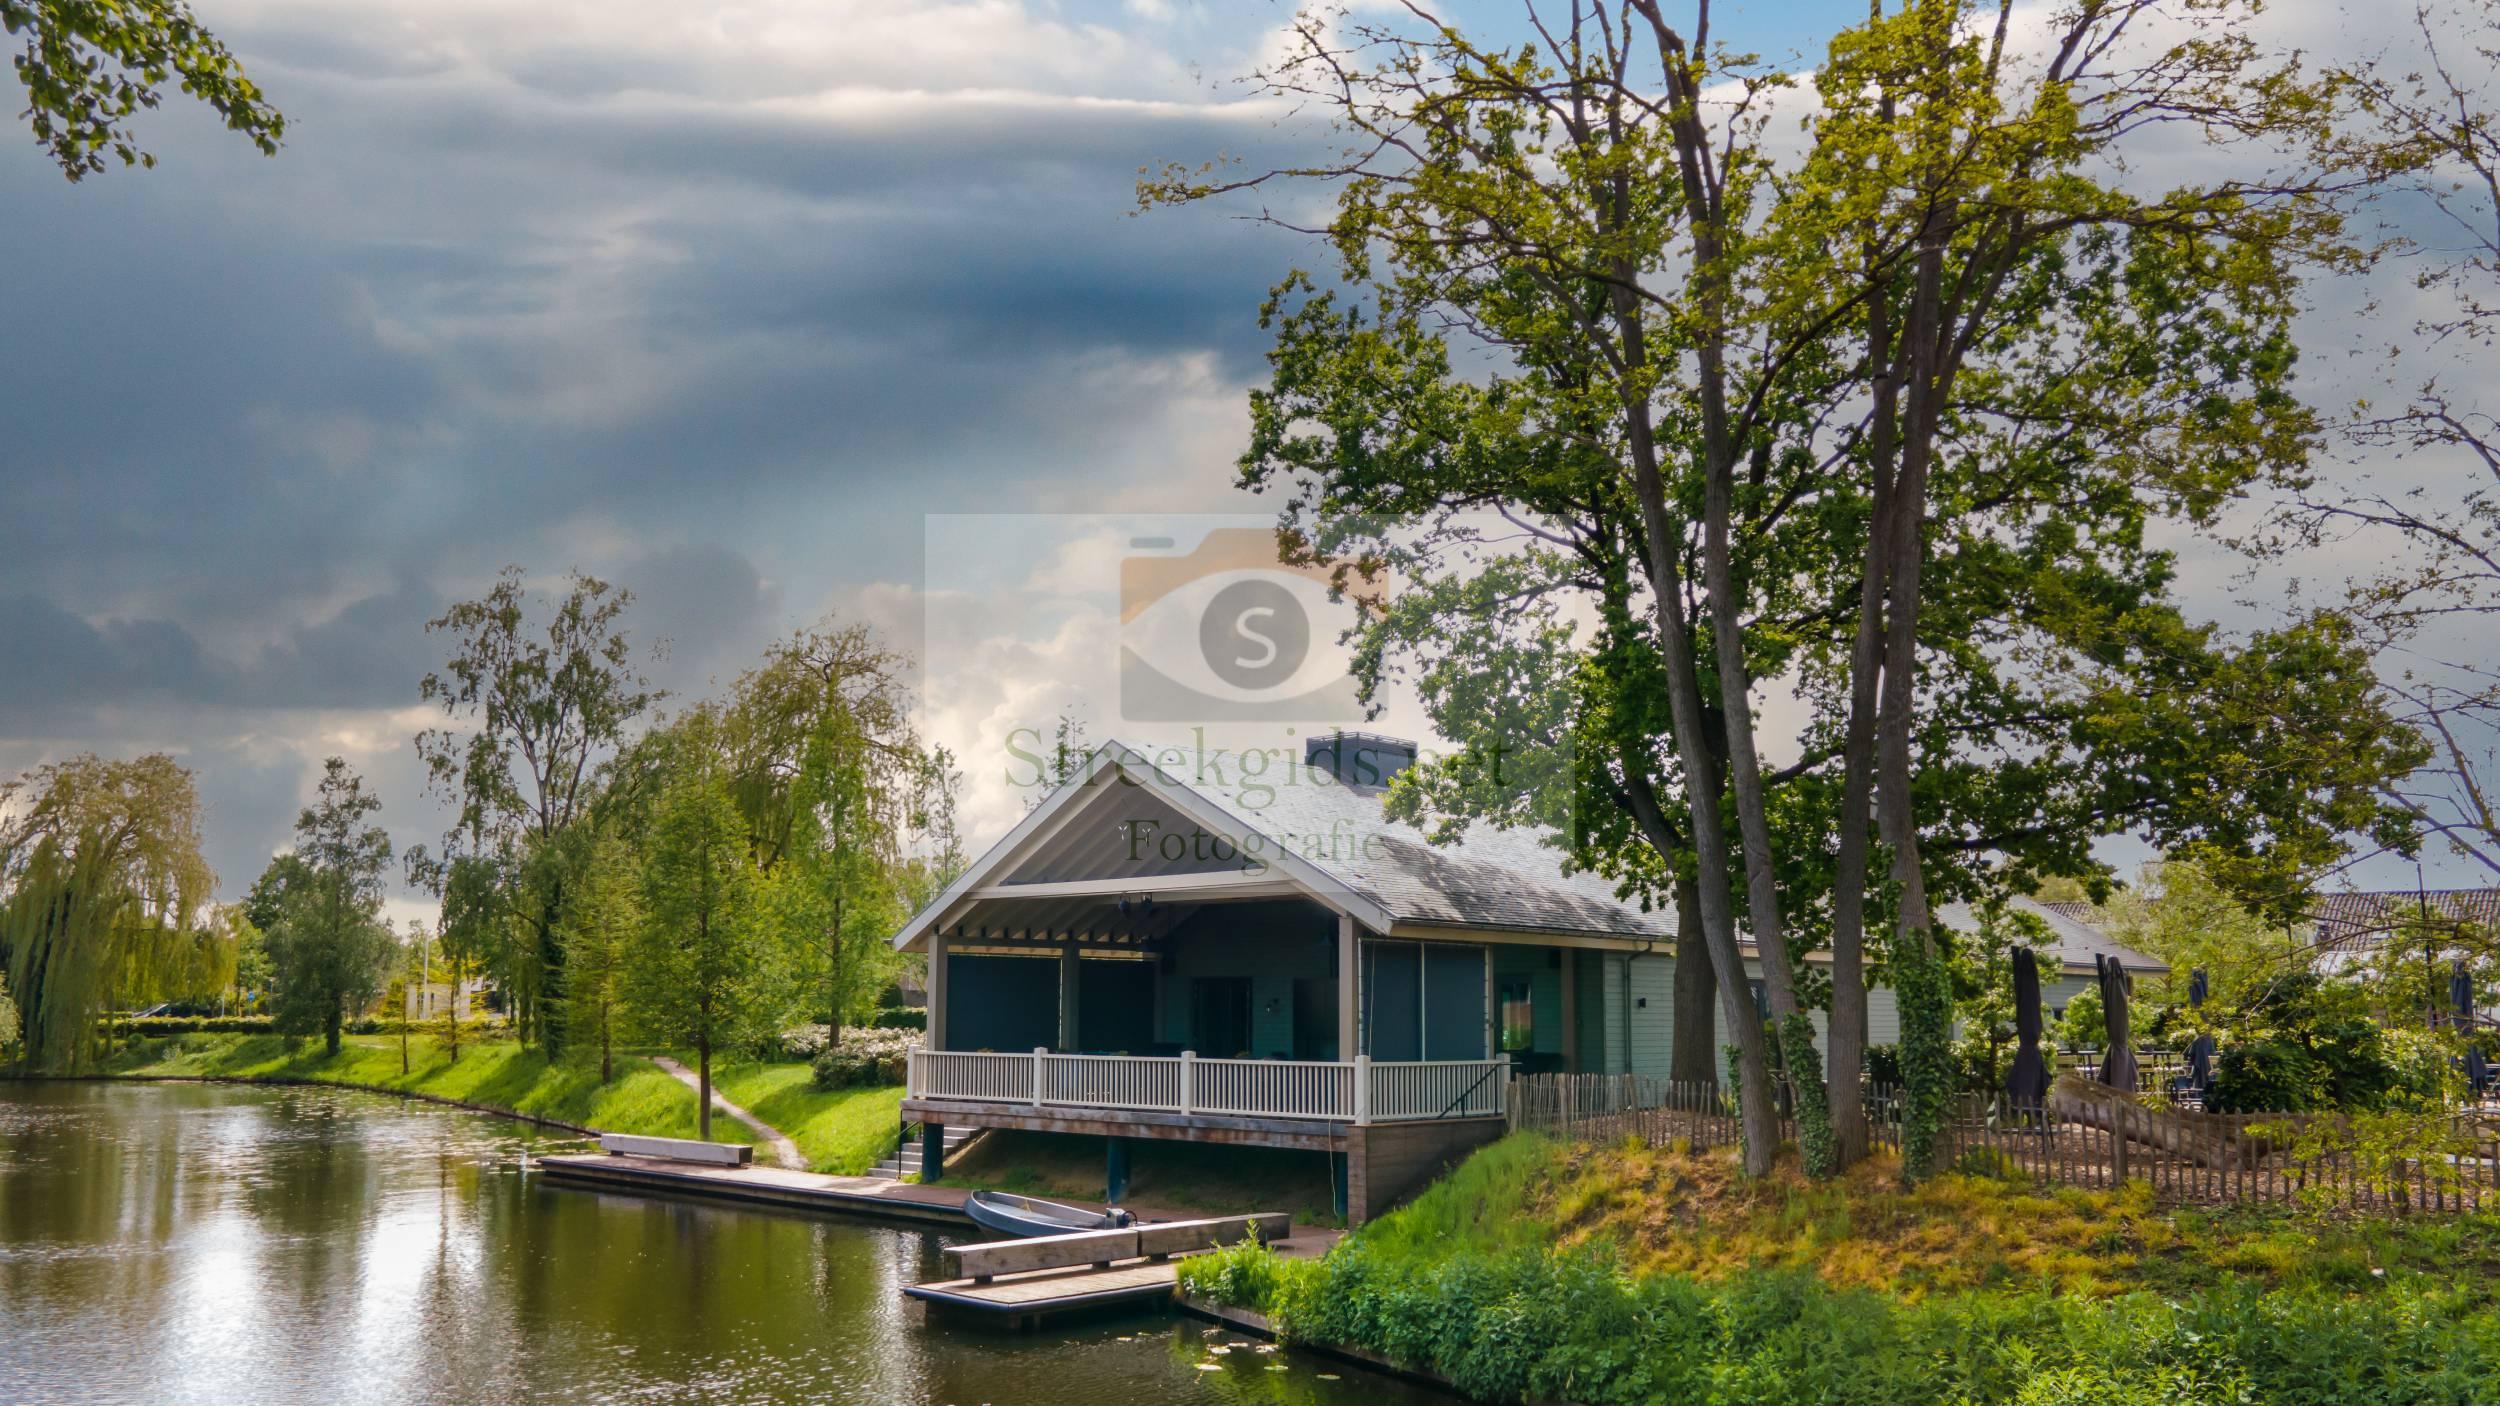 Groenlo: Bootshuis – Welgelegen